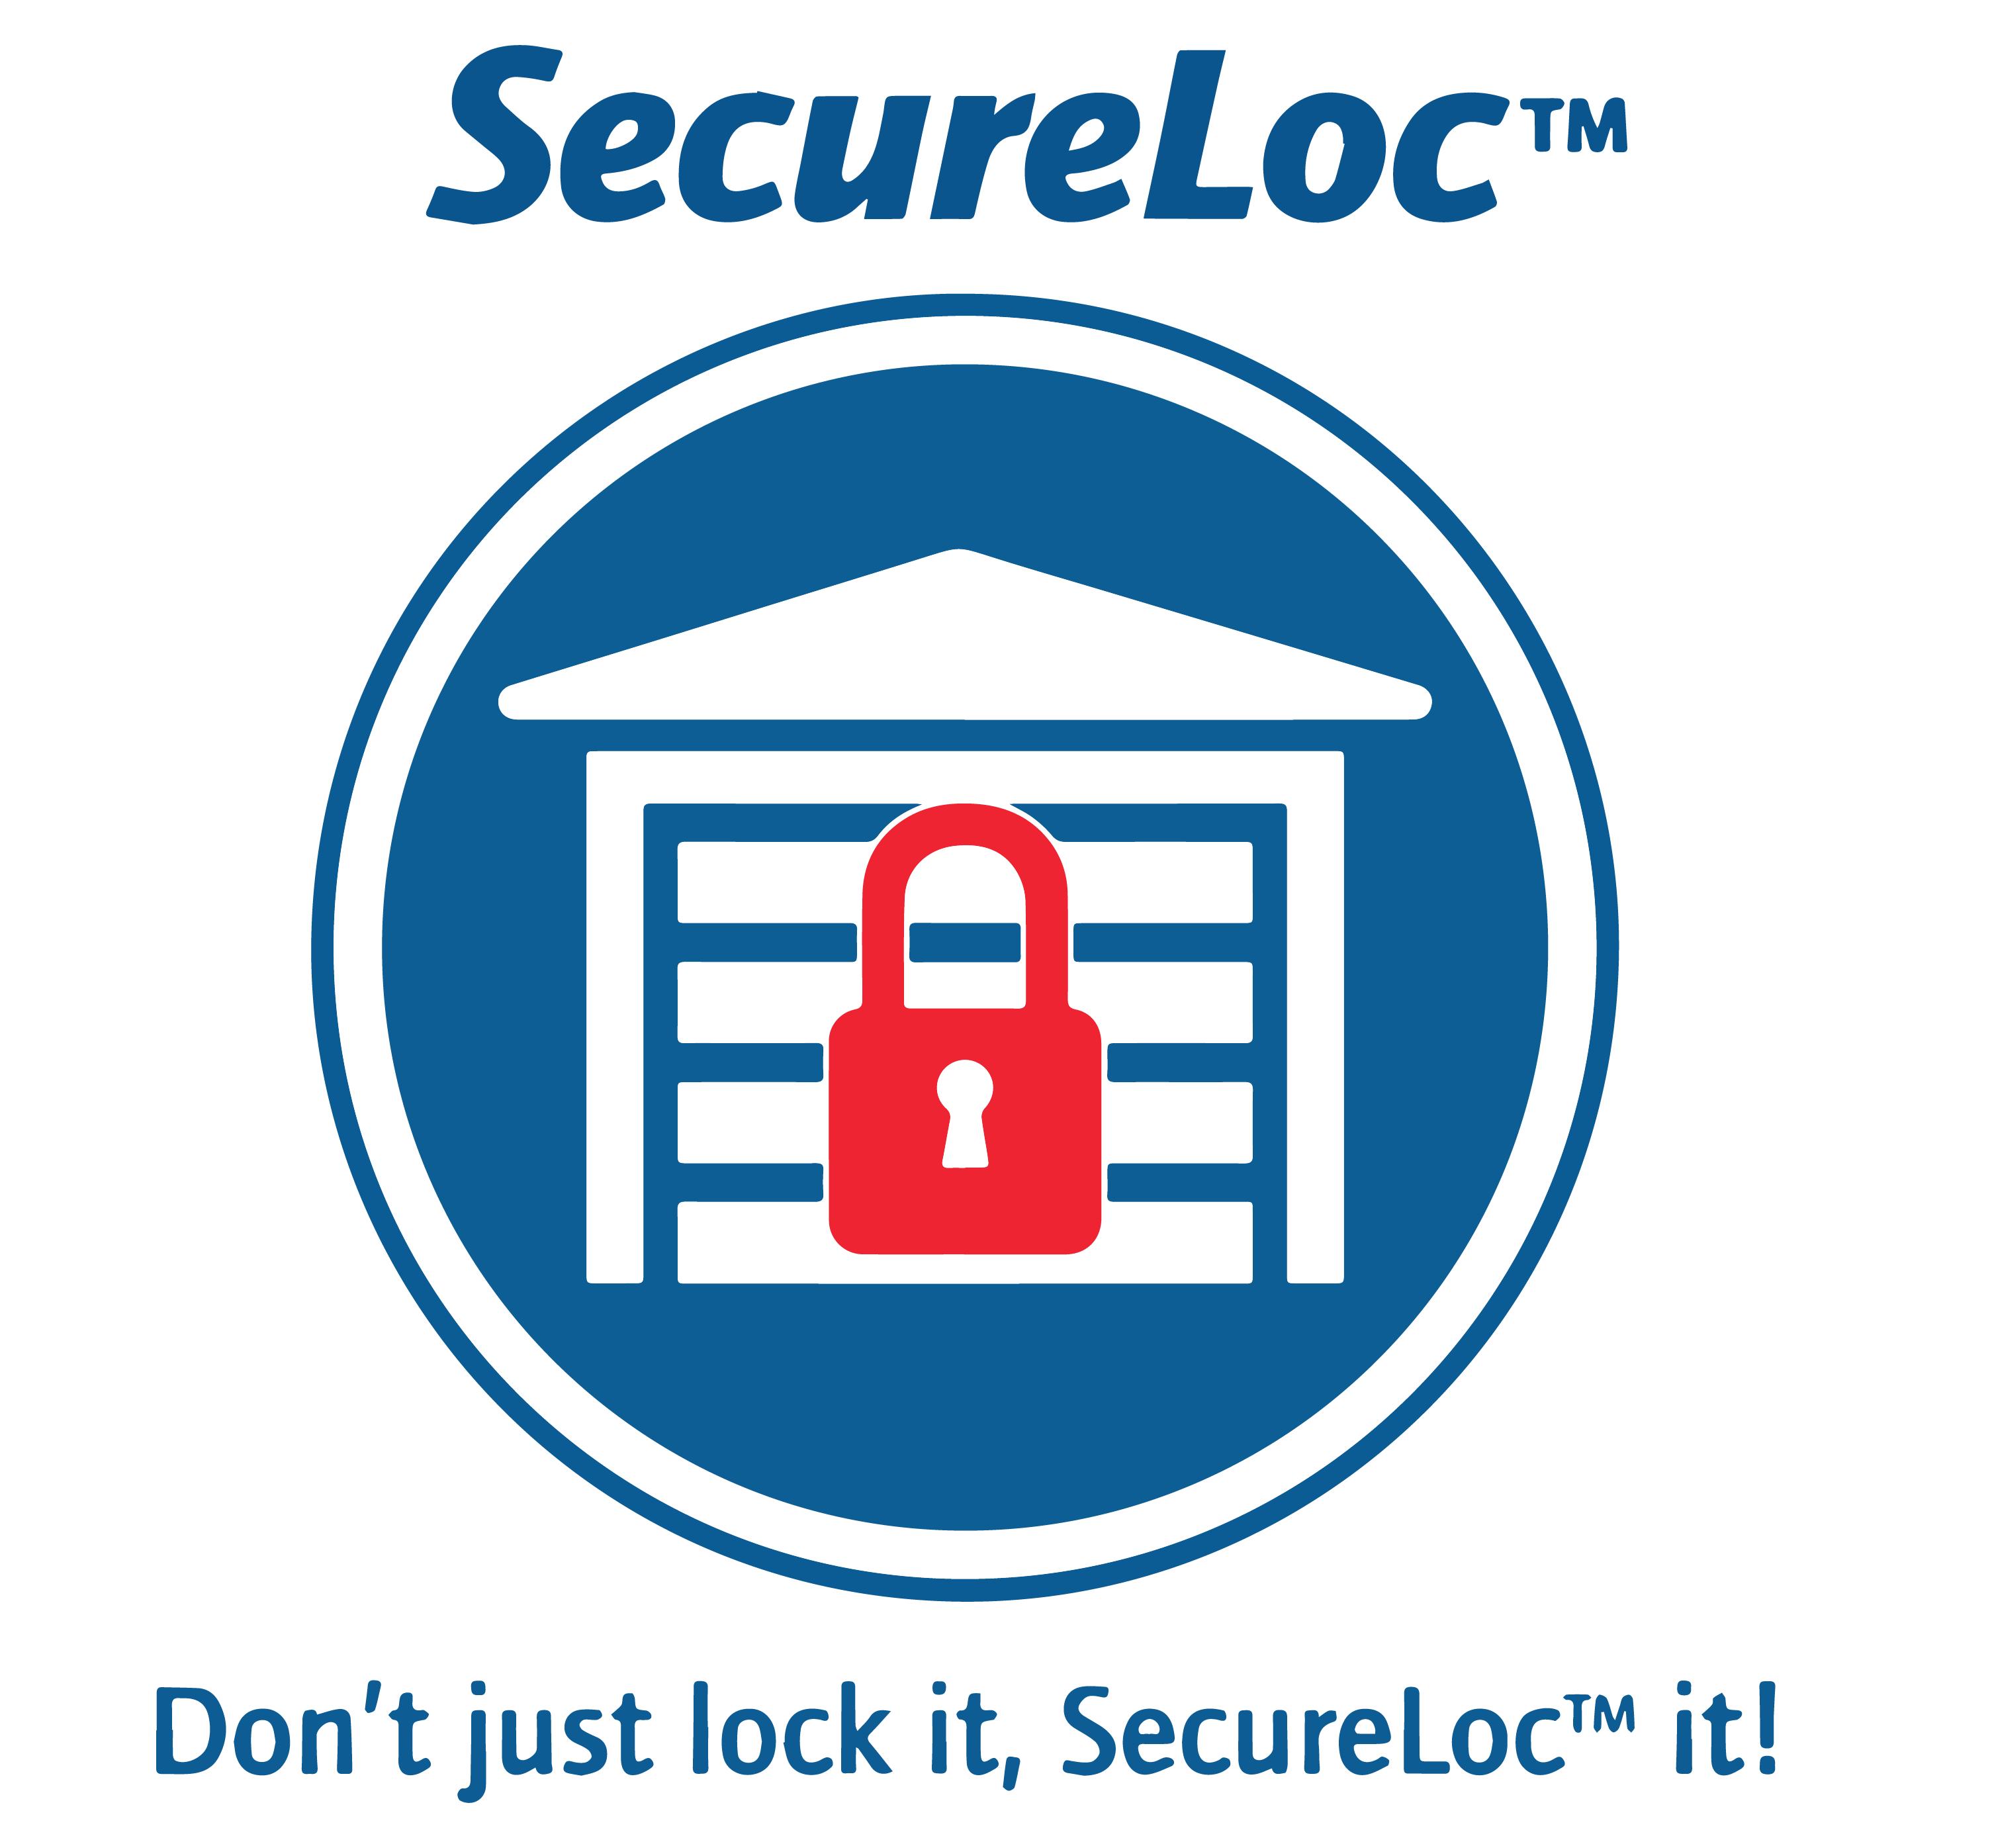 SecureLoc1-01